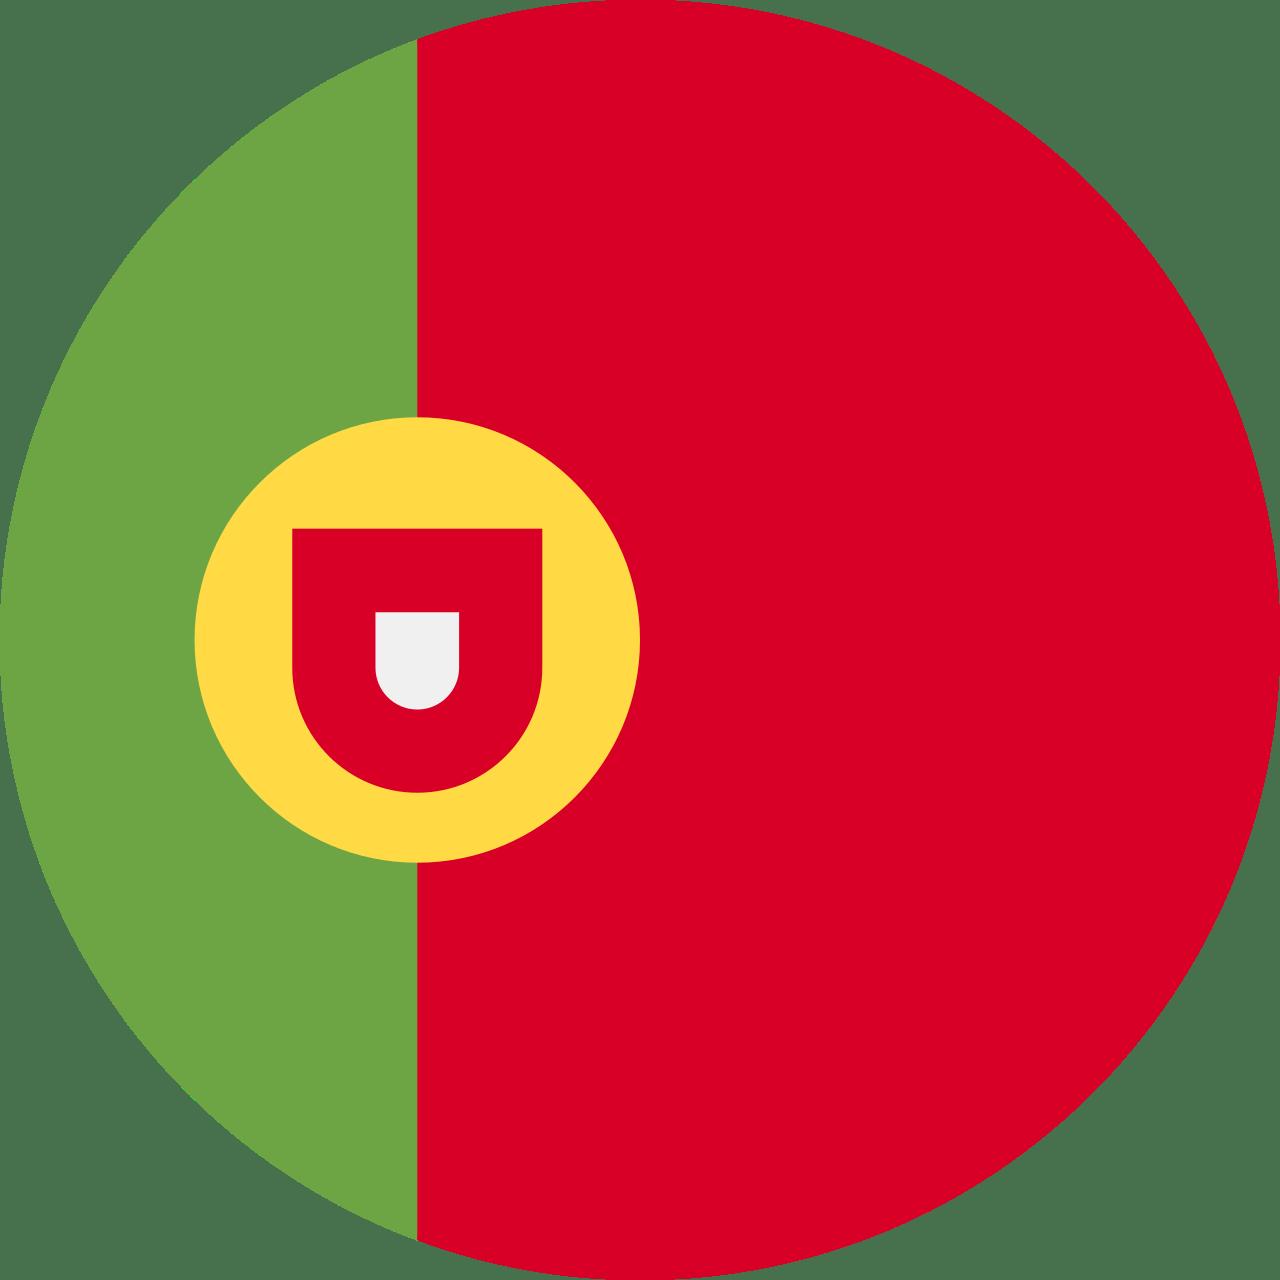 португальский